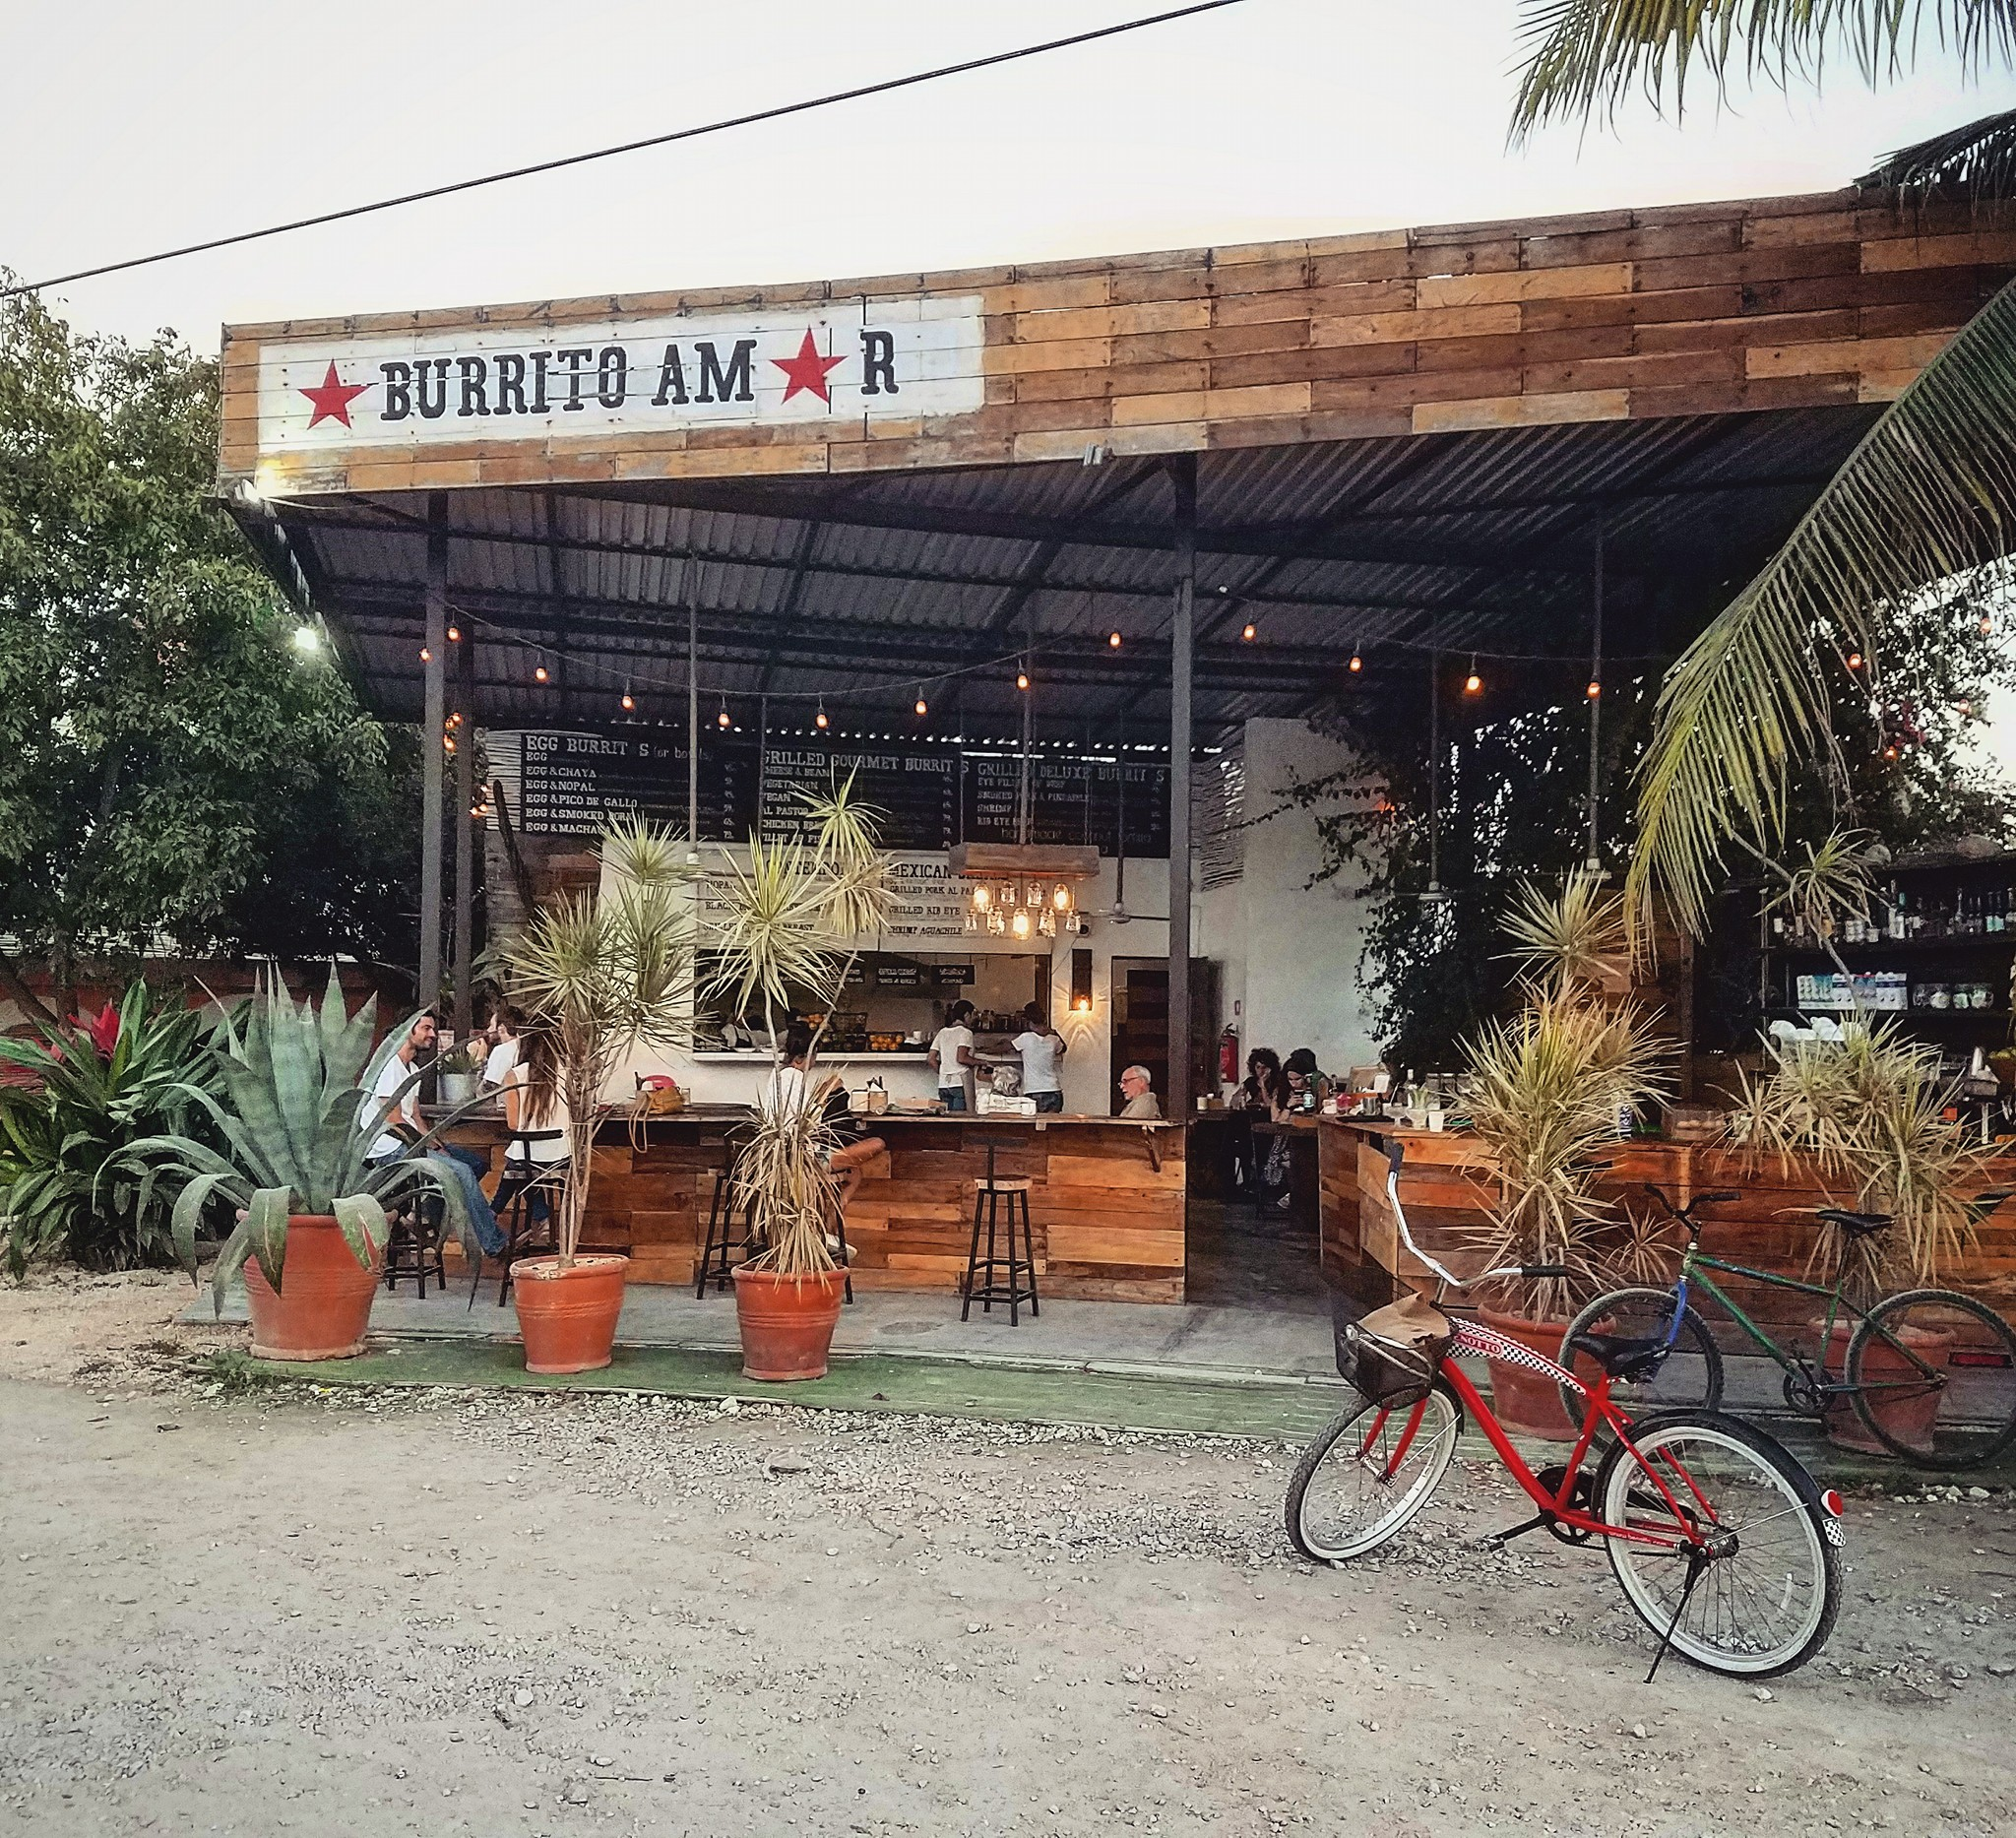 Burrito Amor, Tulum, Mexico